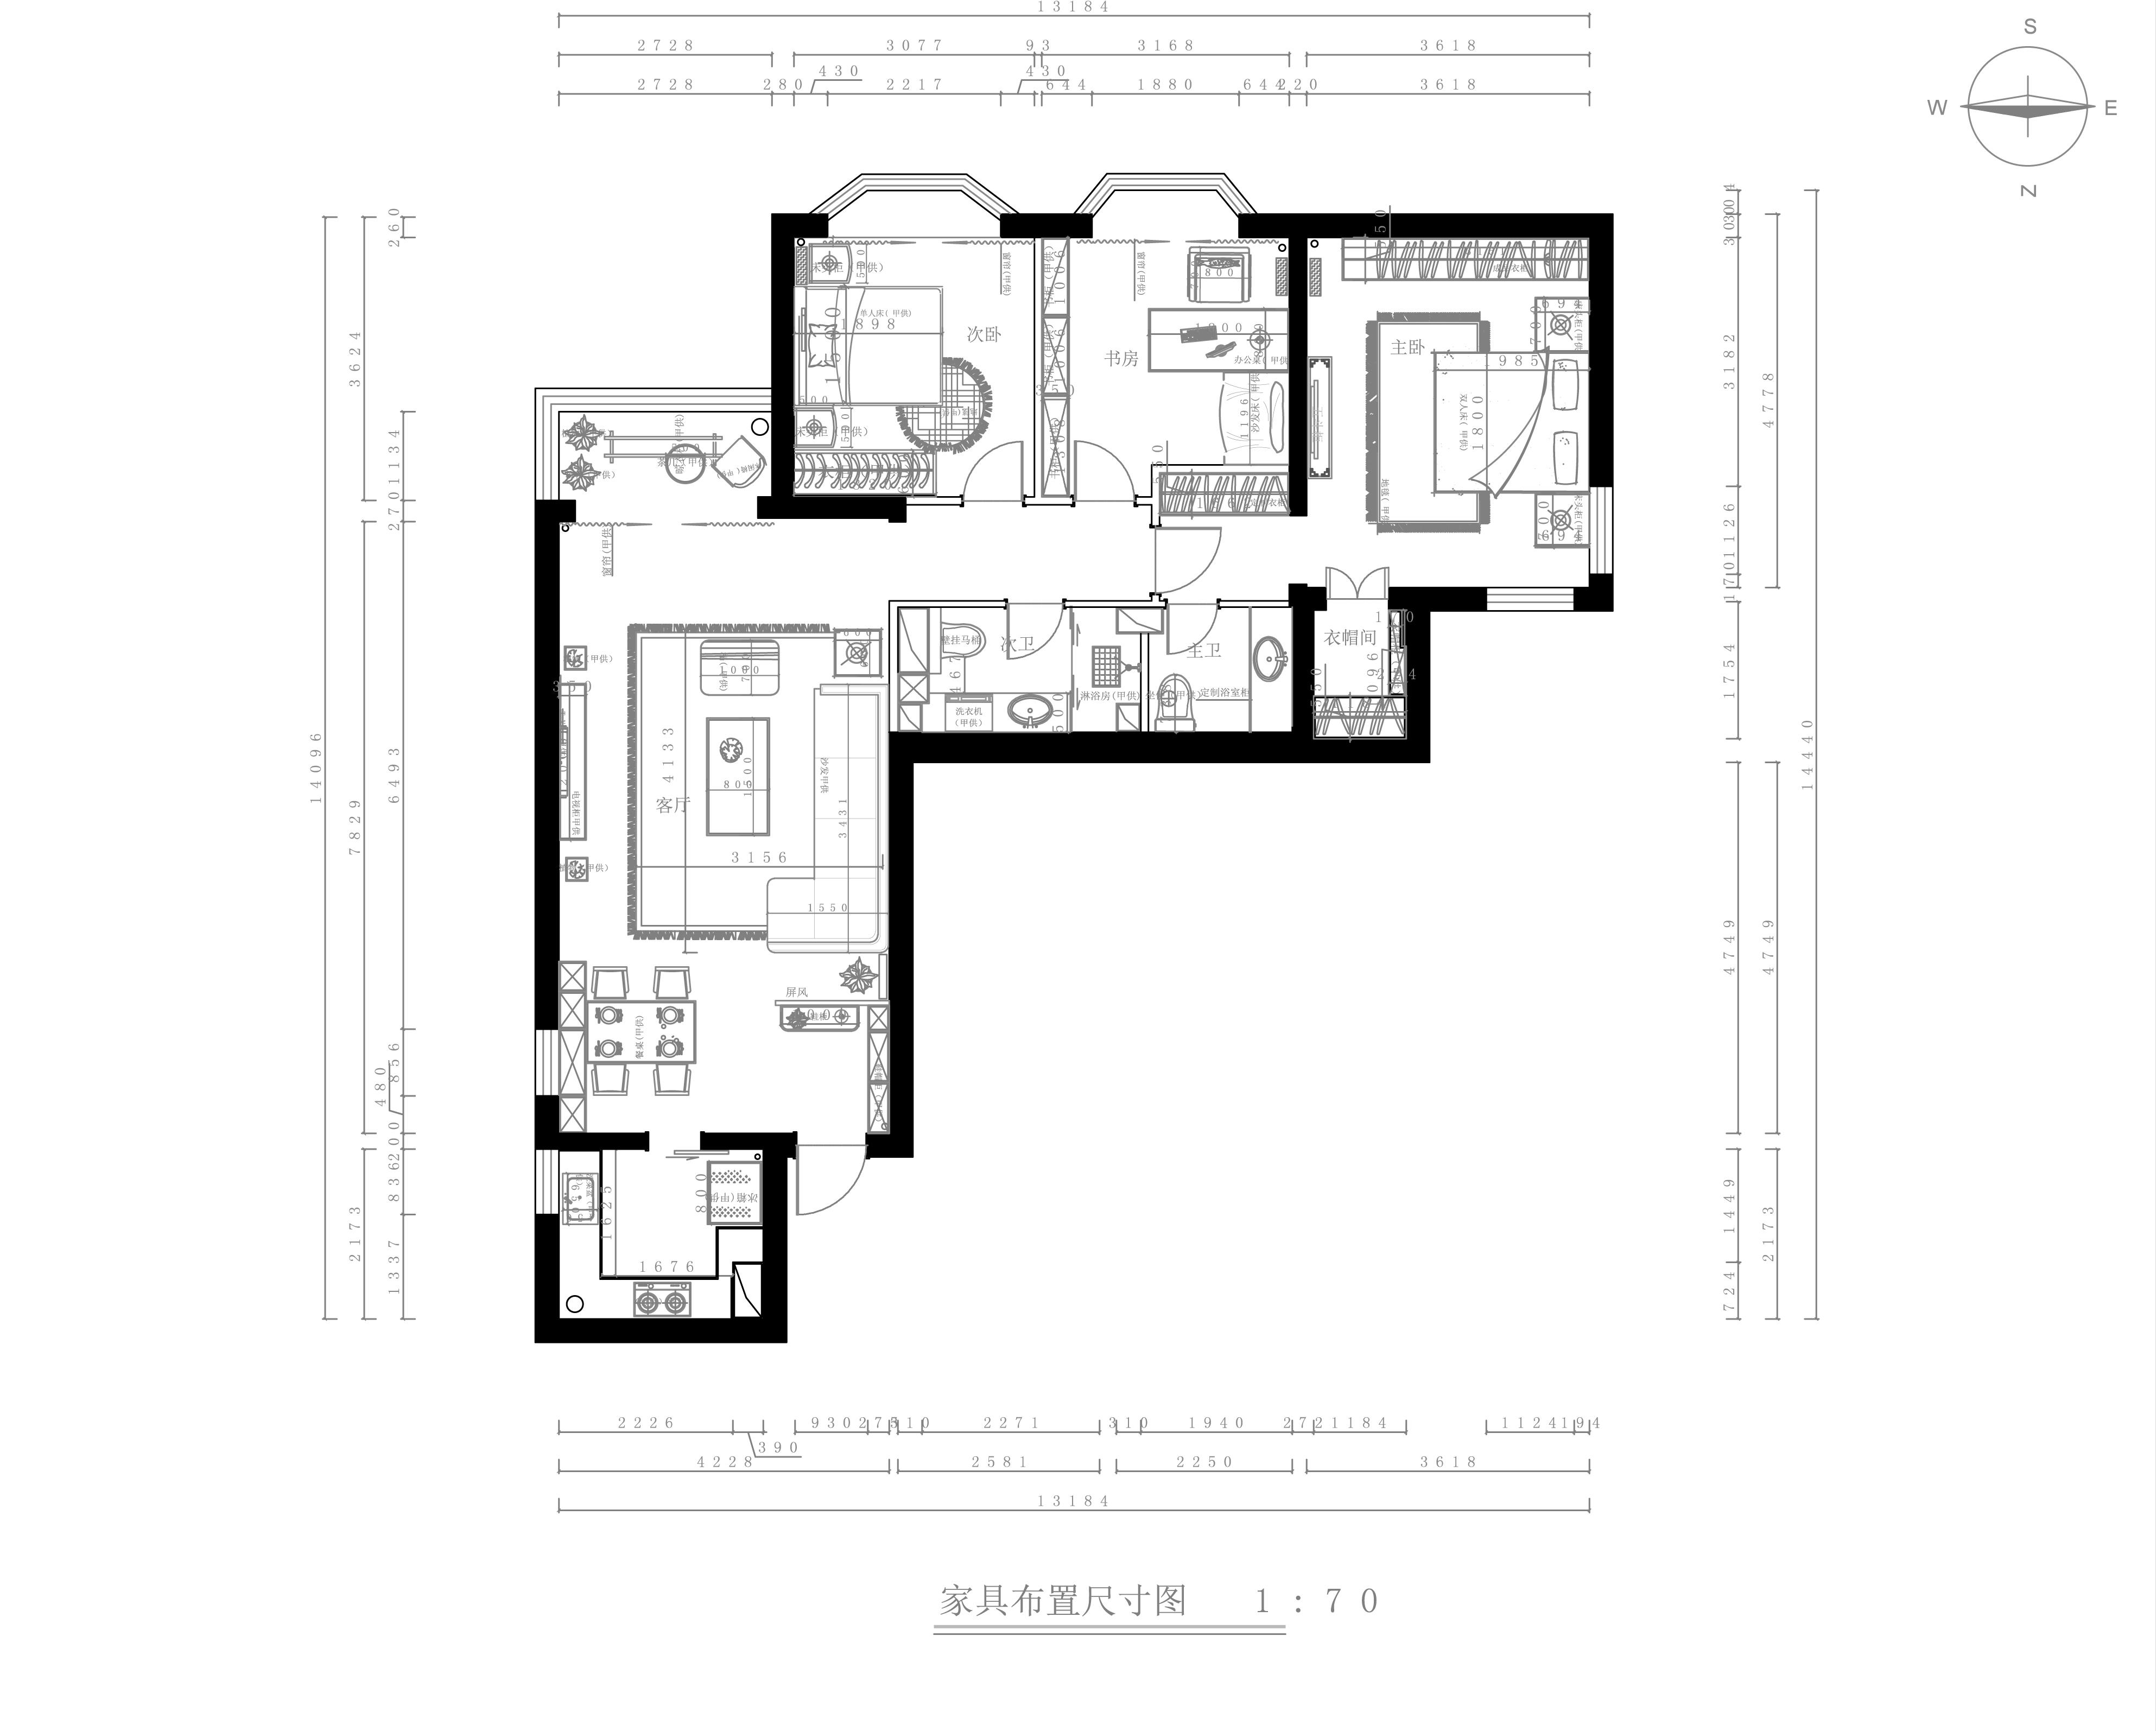 广华轩小区-140平米-简欧风格装修设计理念